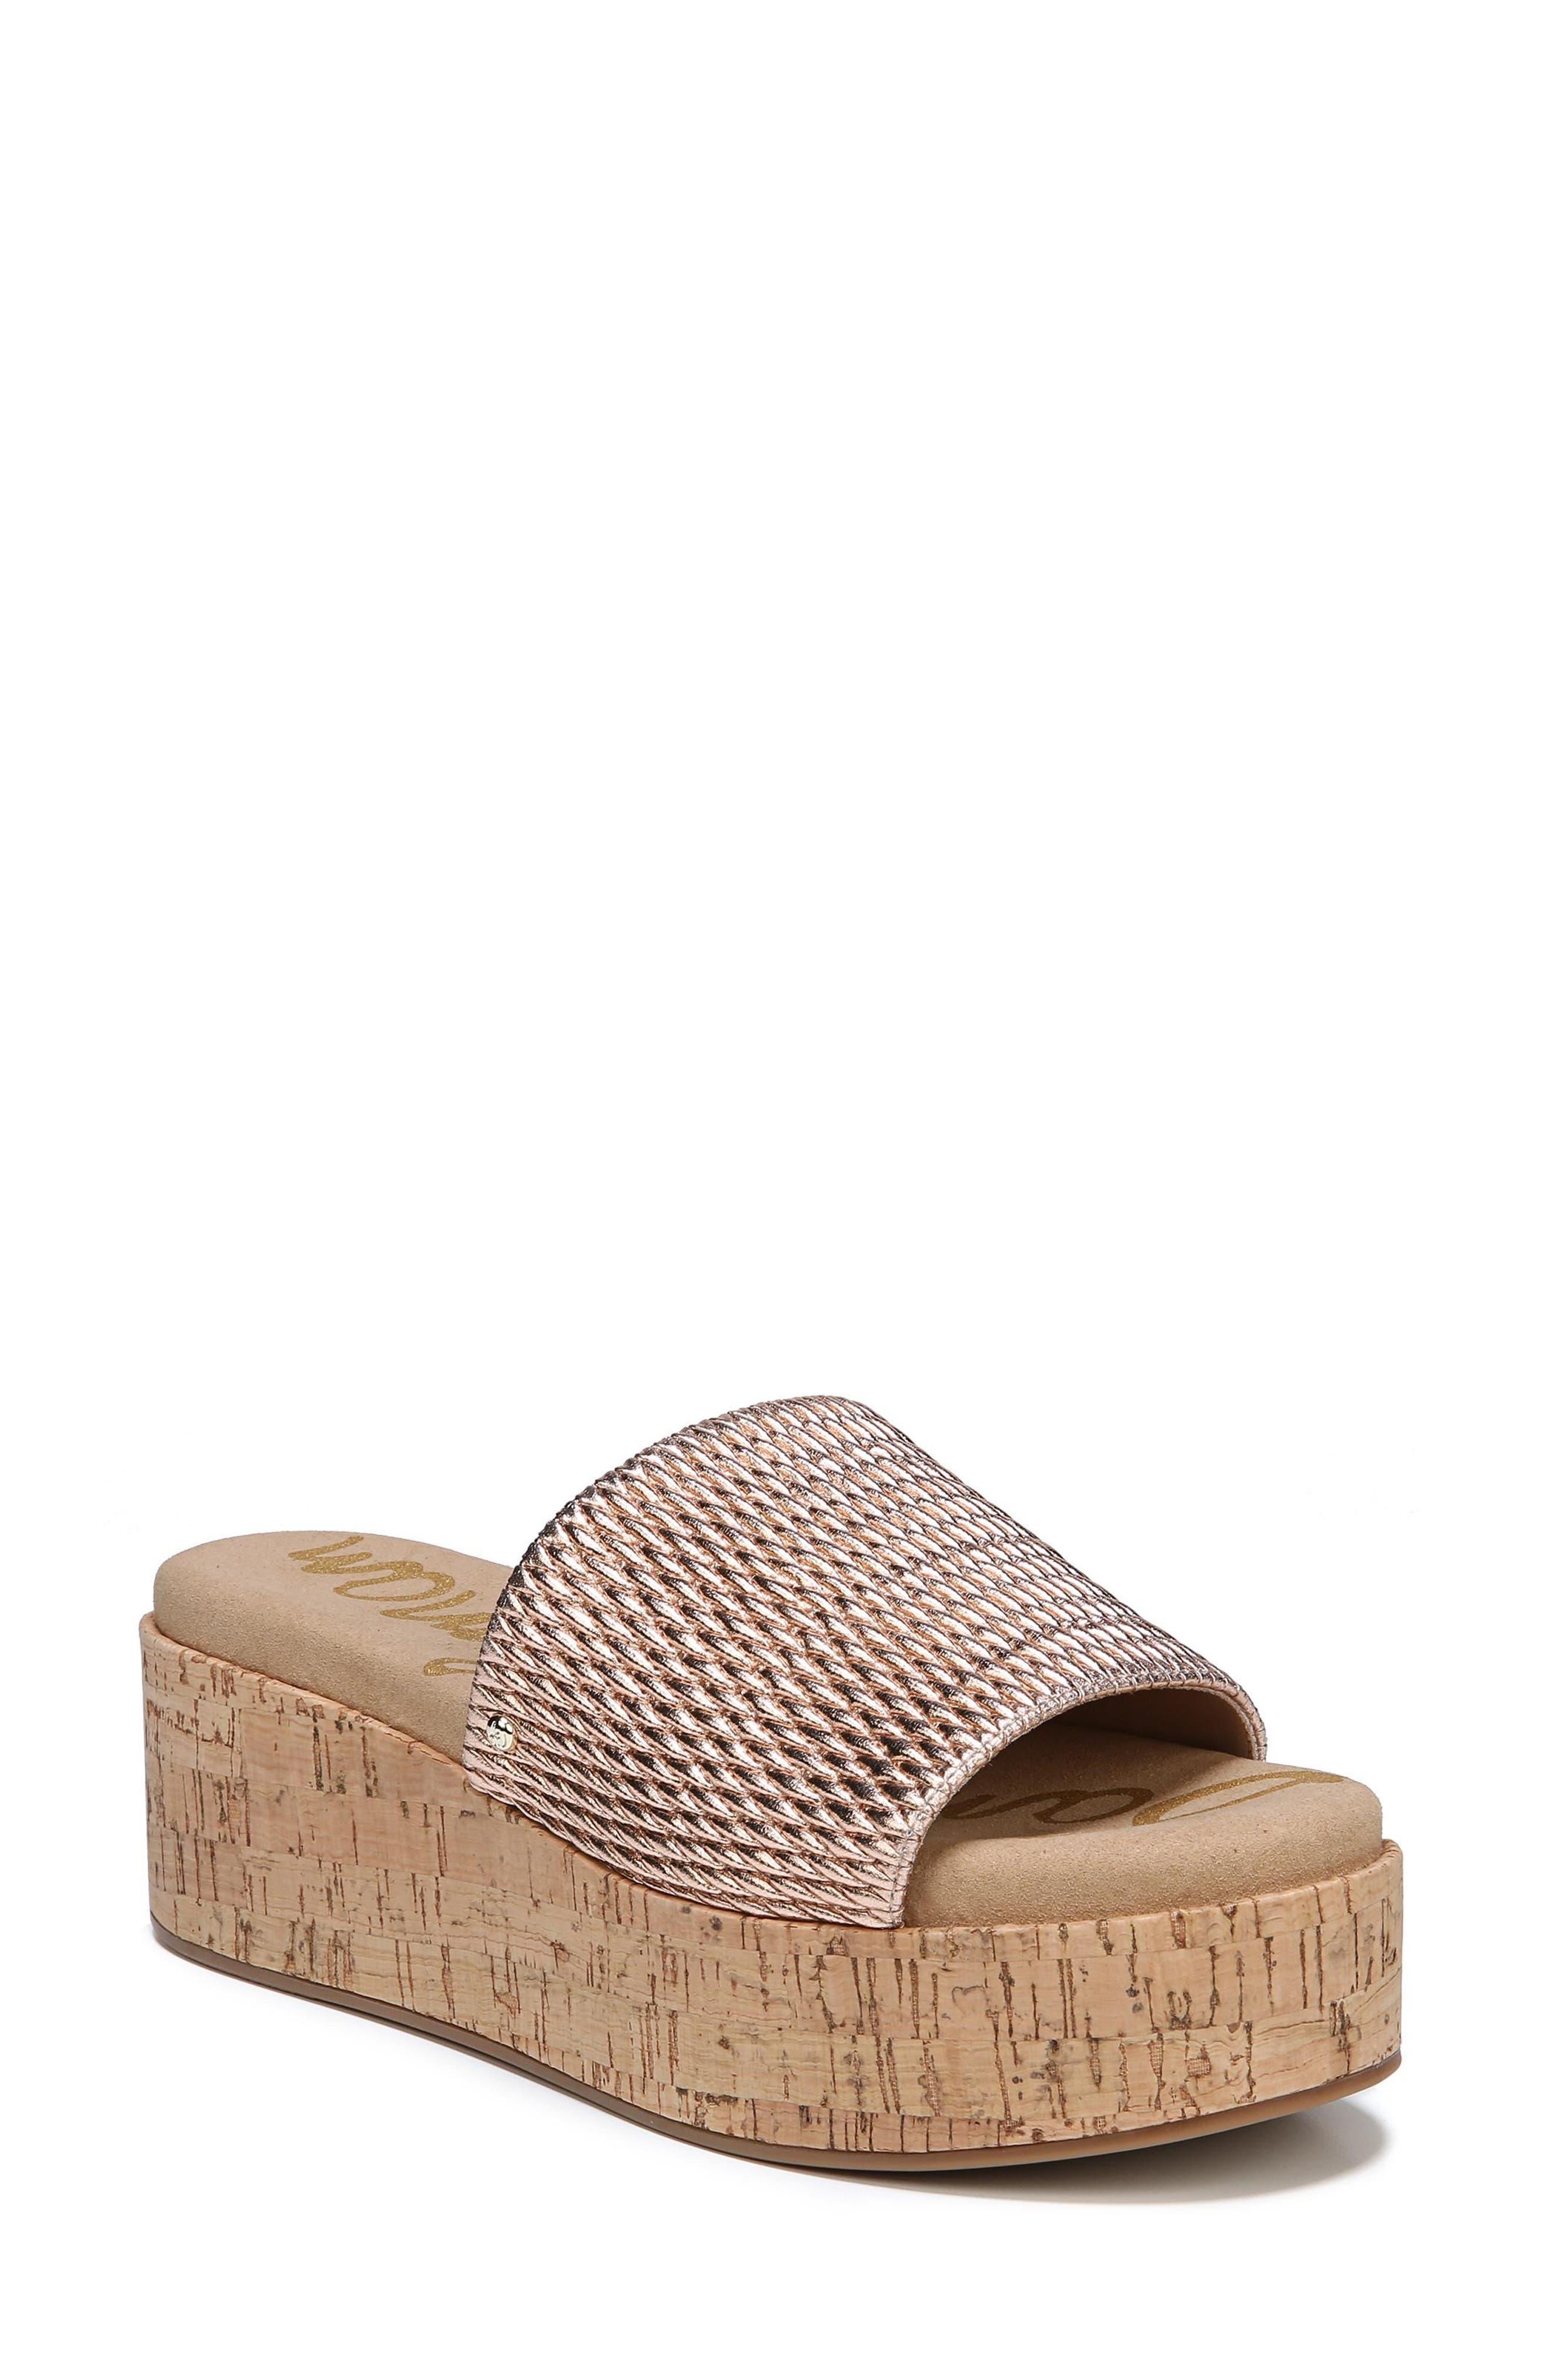 Wendi Platform Slide Sandal,                             Main thumbnail 1, color,                             Blush Gold Metallic Fabric